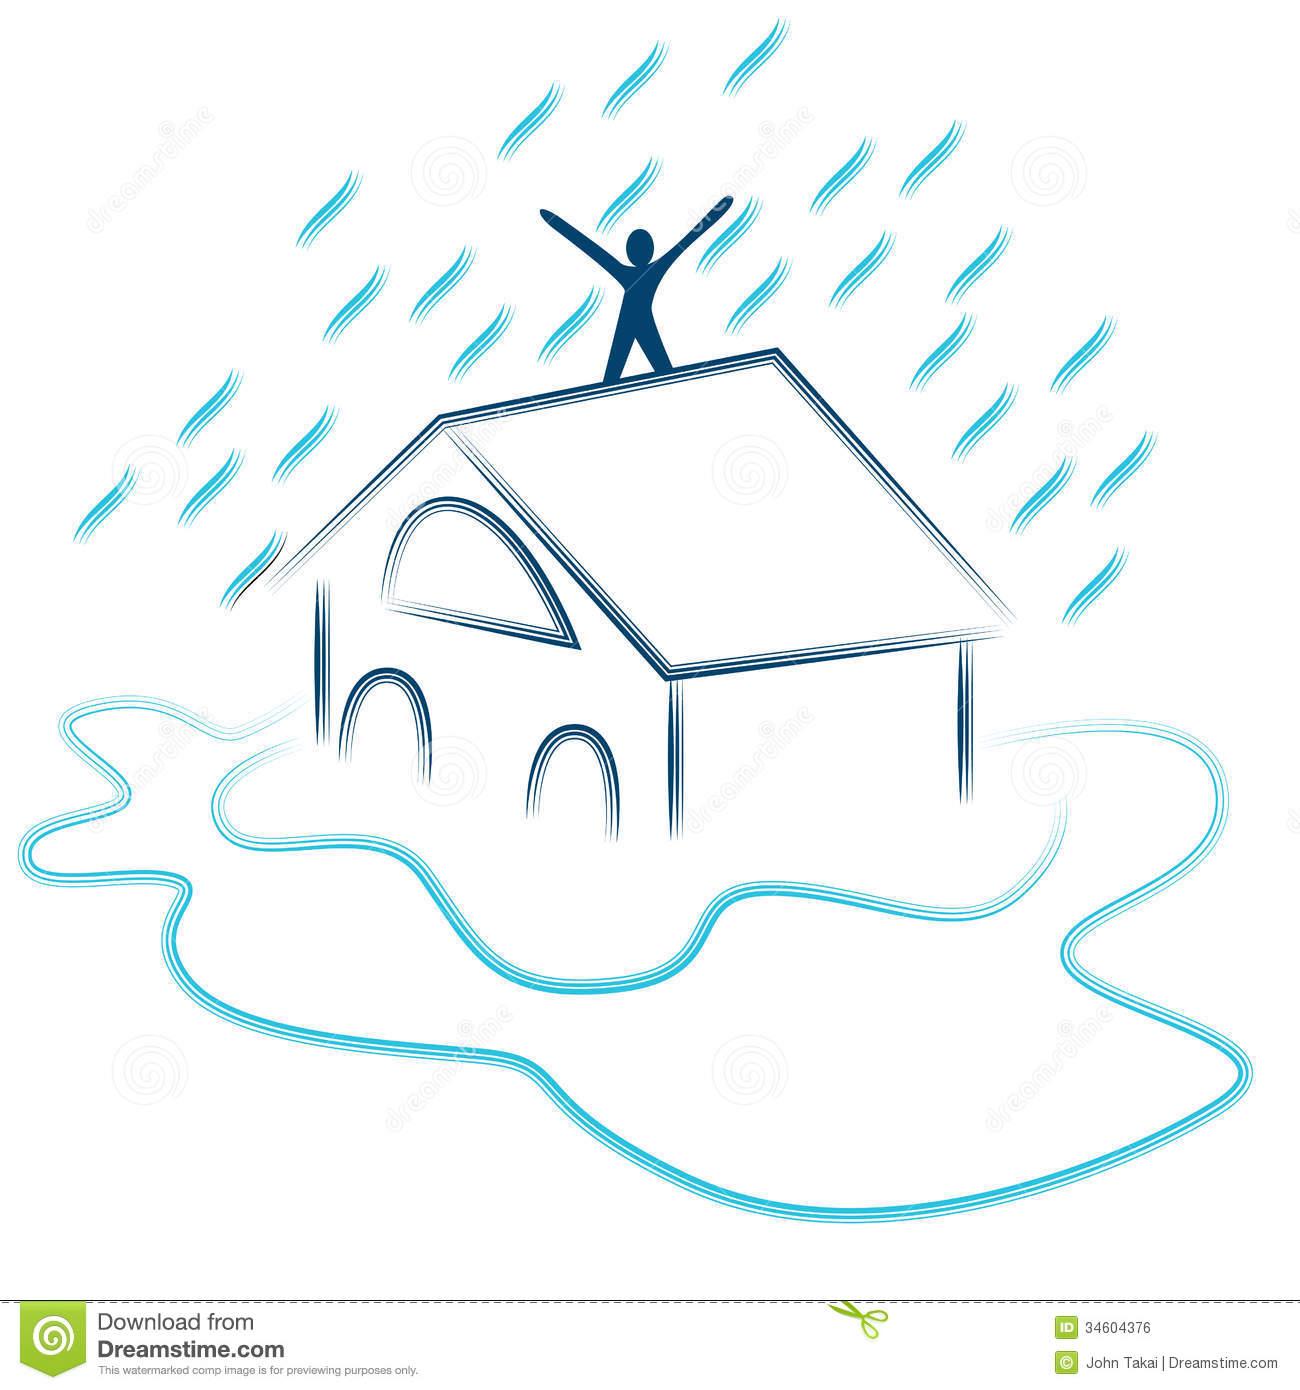 Flash Flood Emergency Royalty Free Stock Image.